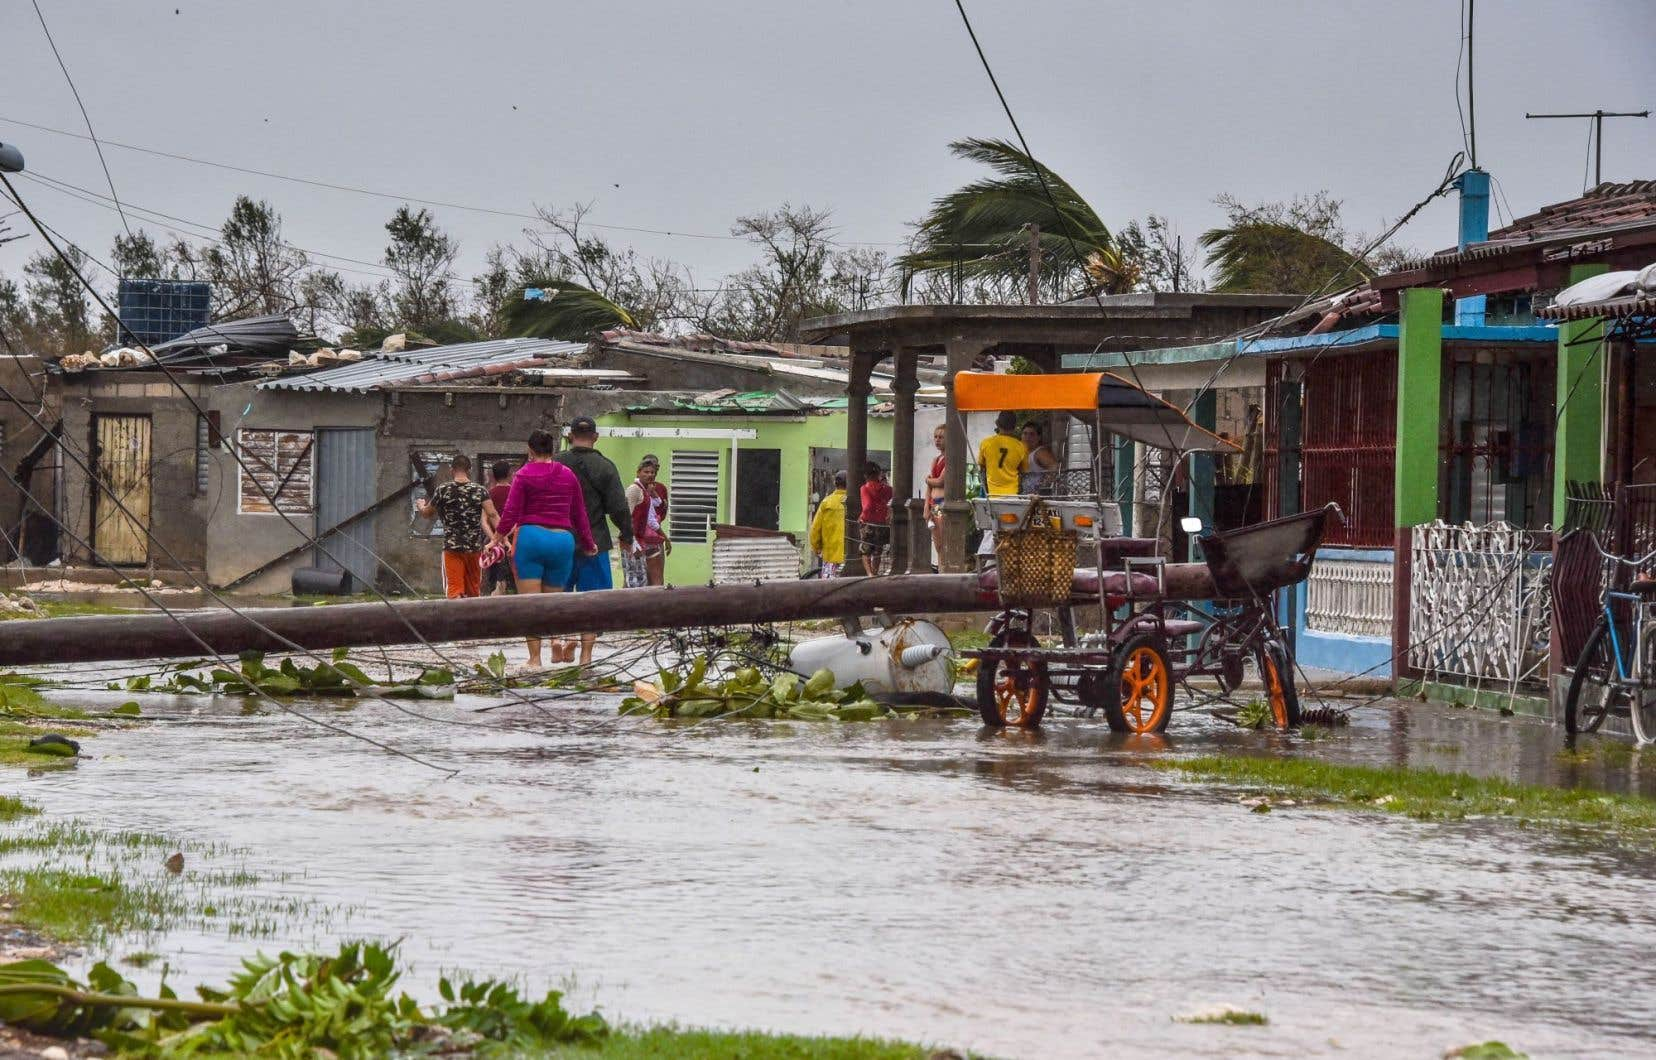 La province de Villa Clara, à 330km à l'est de La Havane, a été durement atteinte par l'ouragan.